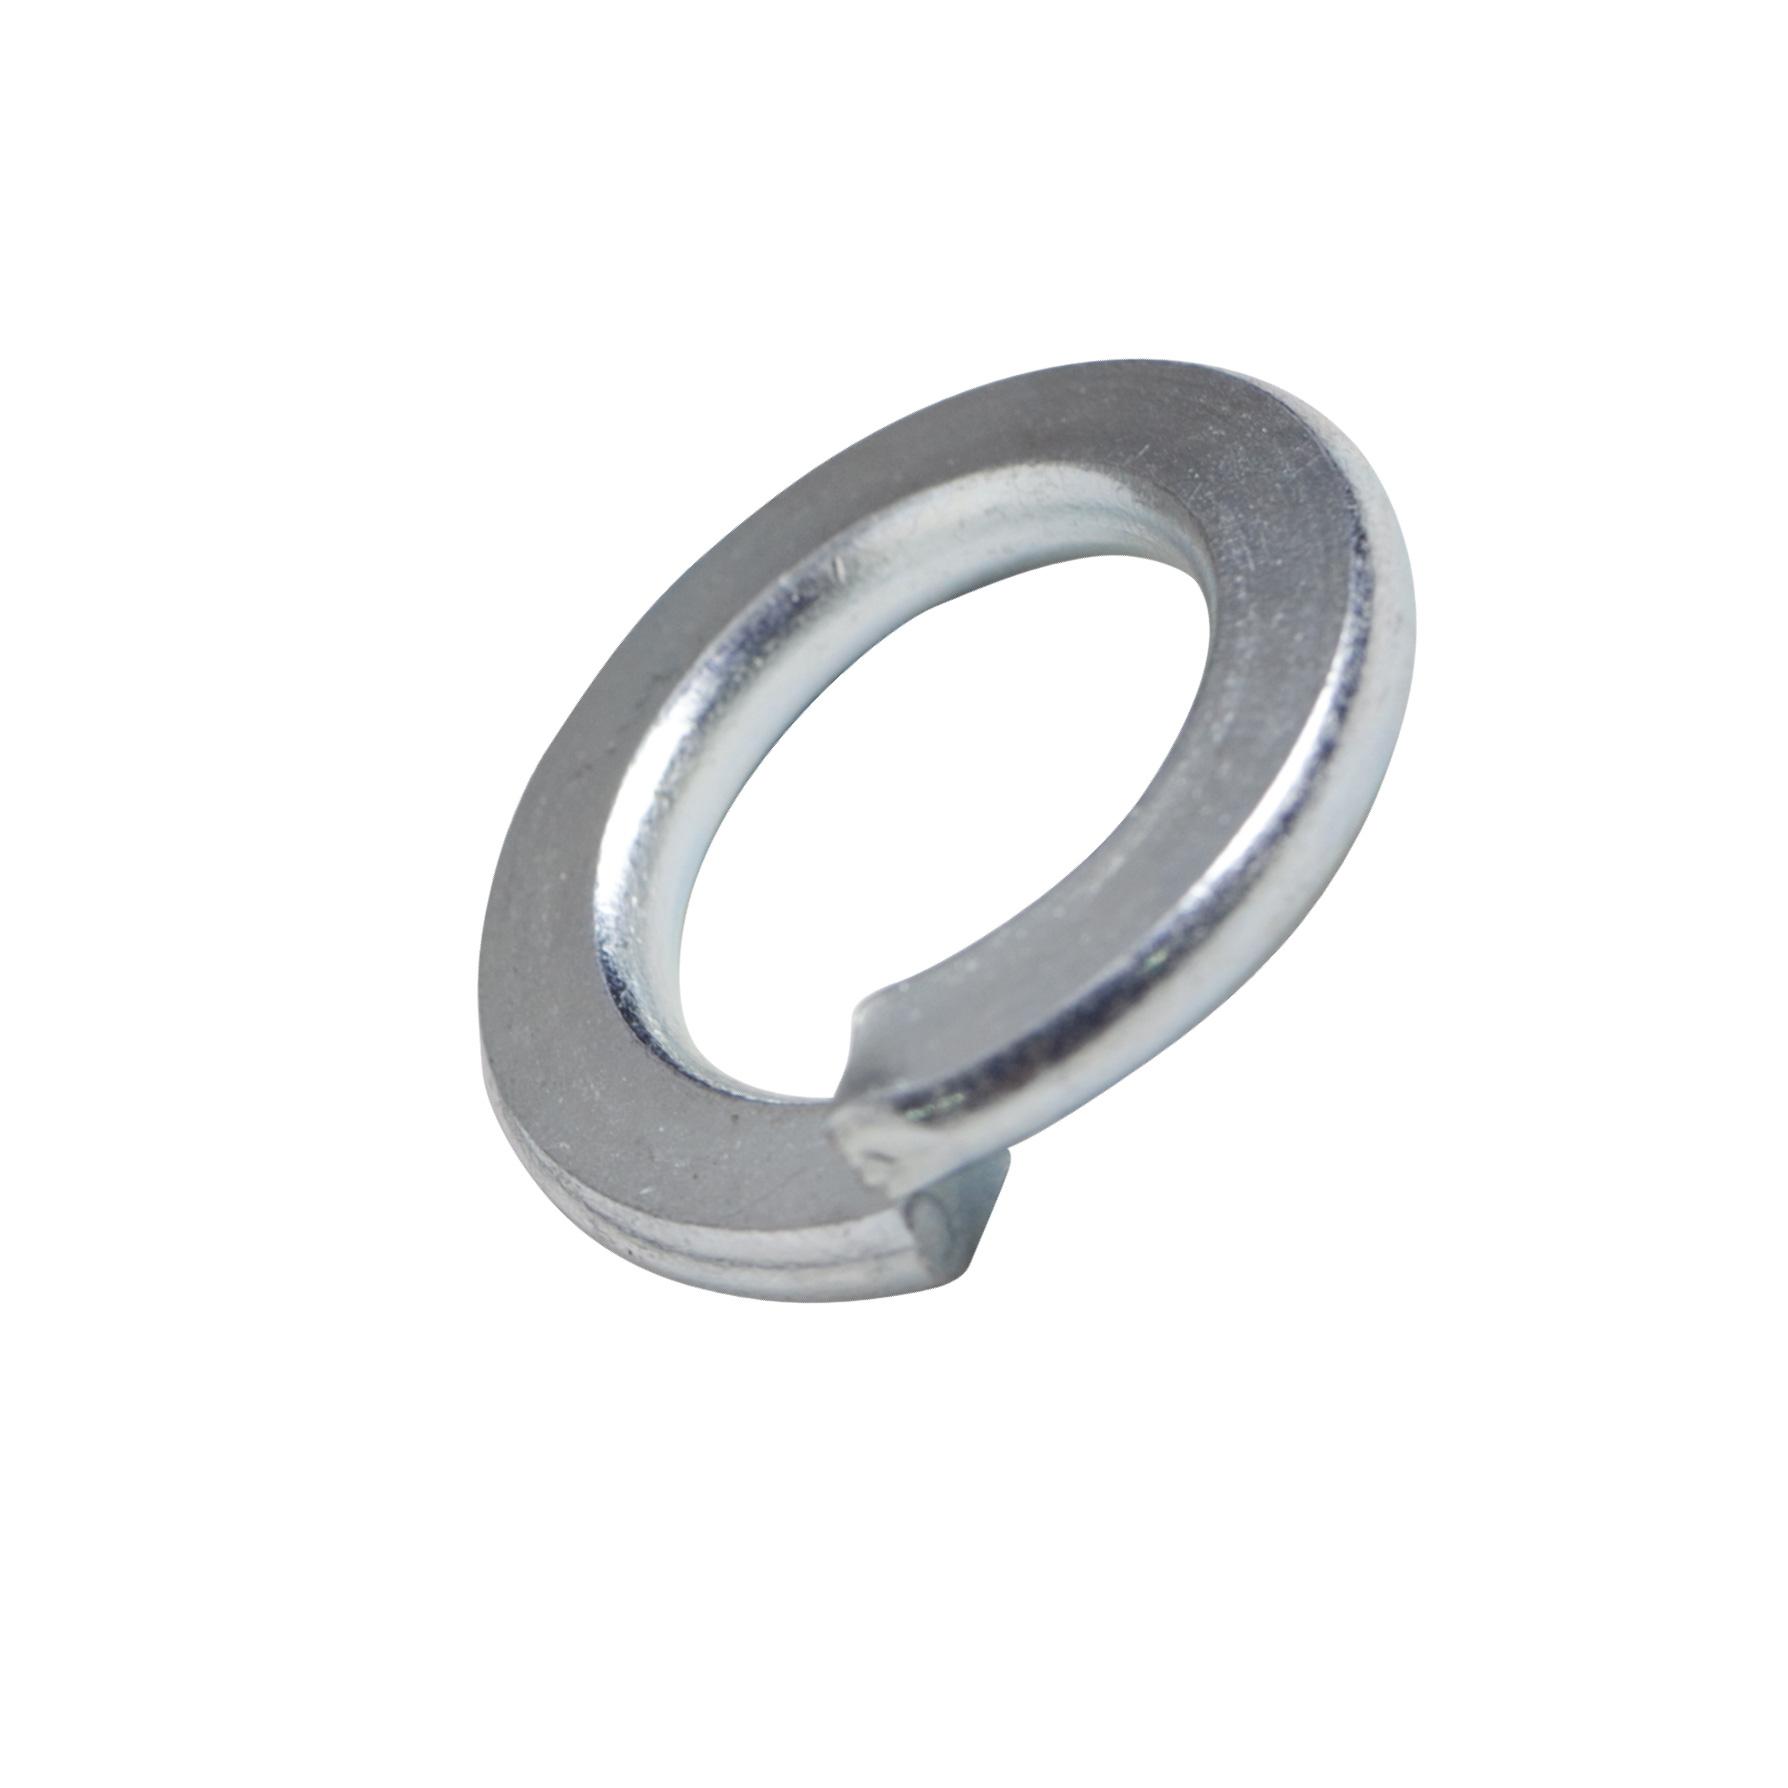 แหวนสปริงขาว